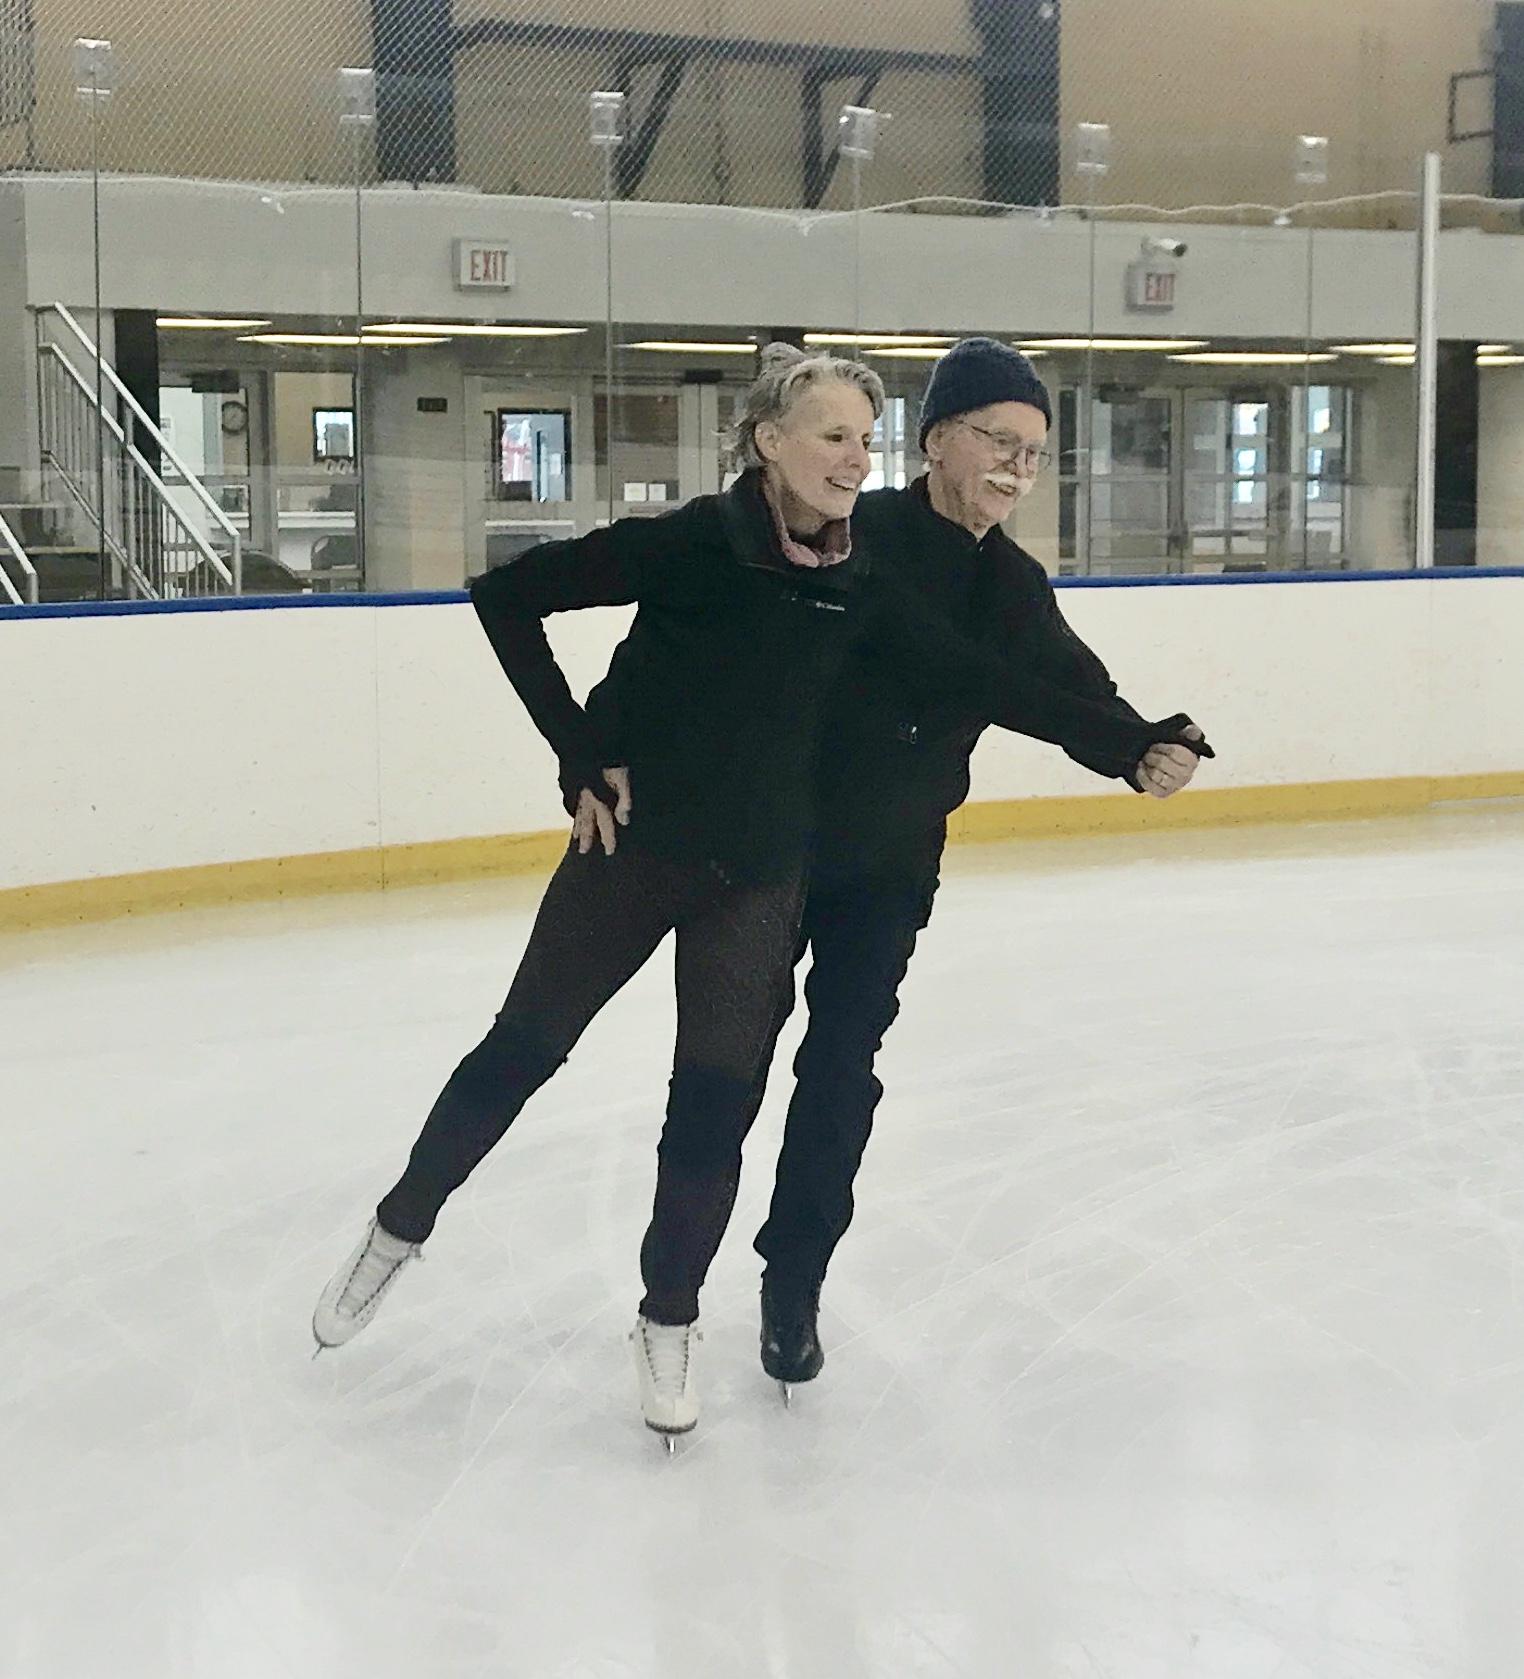 skatingcouple2.jpg